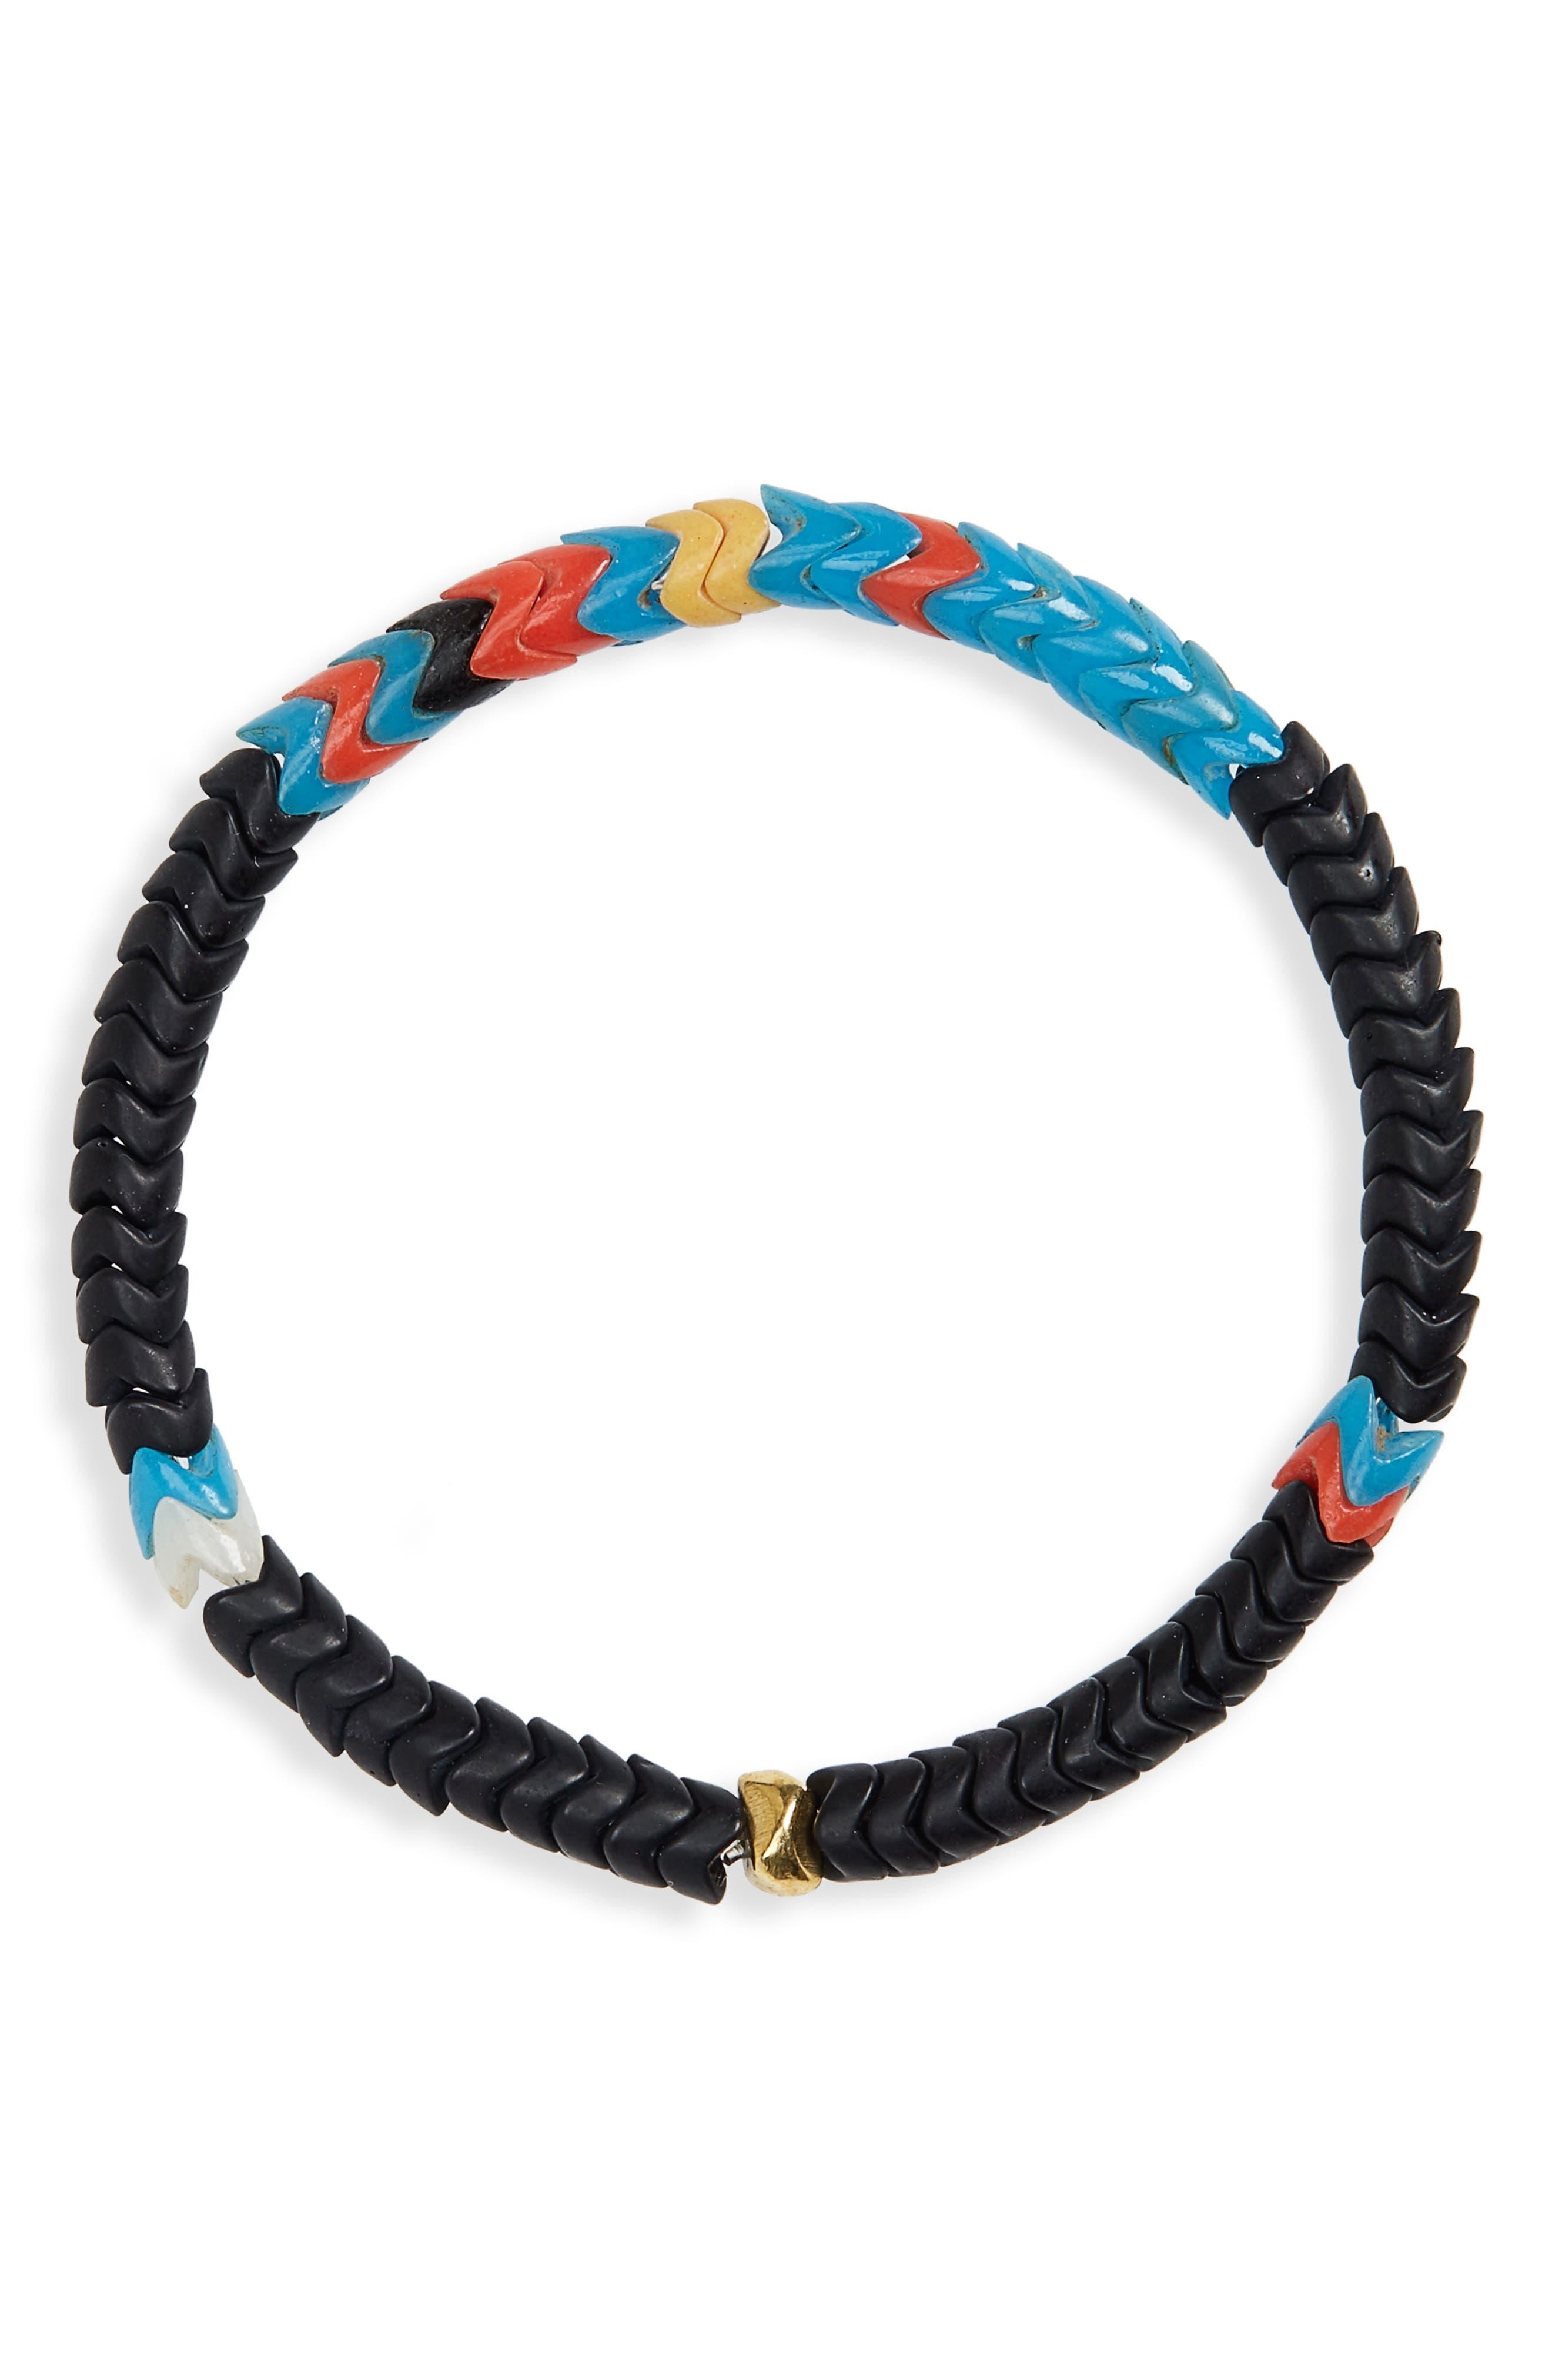 Stone Bead Bracelet,                             Main thumbnail 1, color,                             BLUE/ BLACK